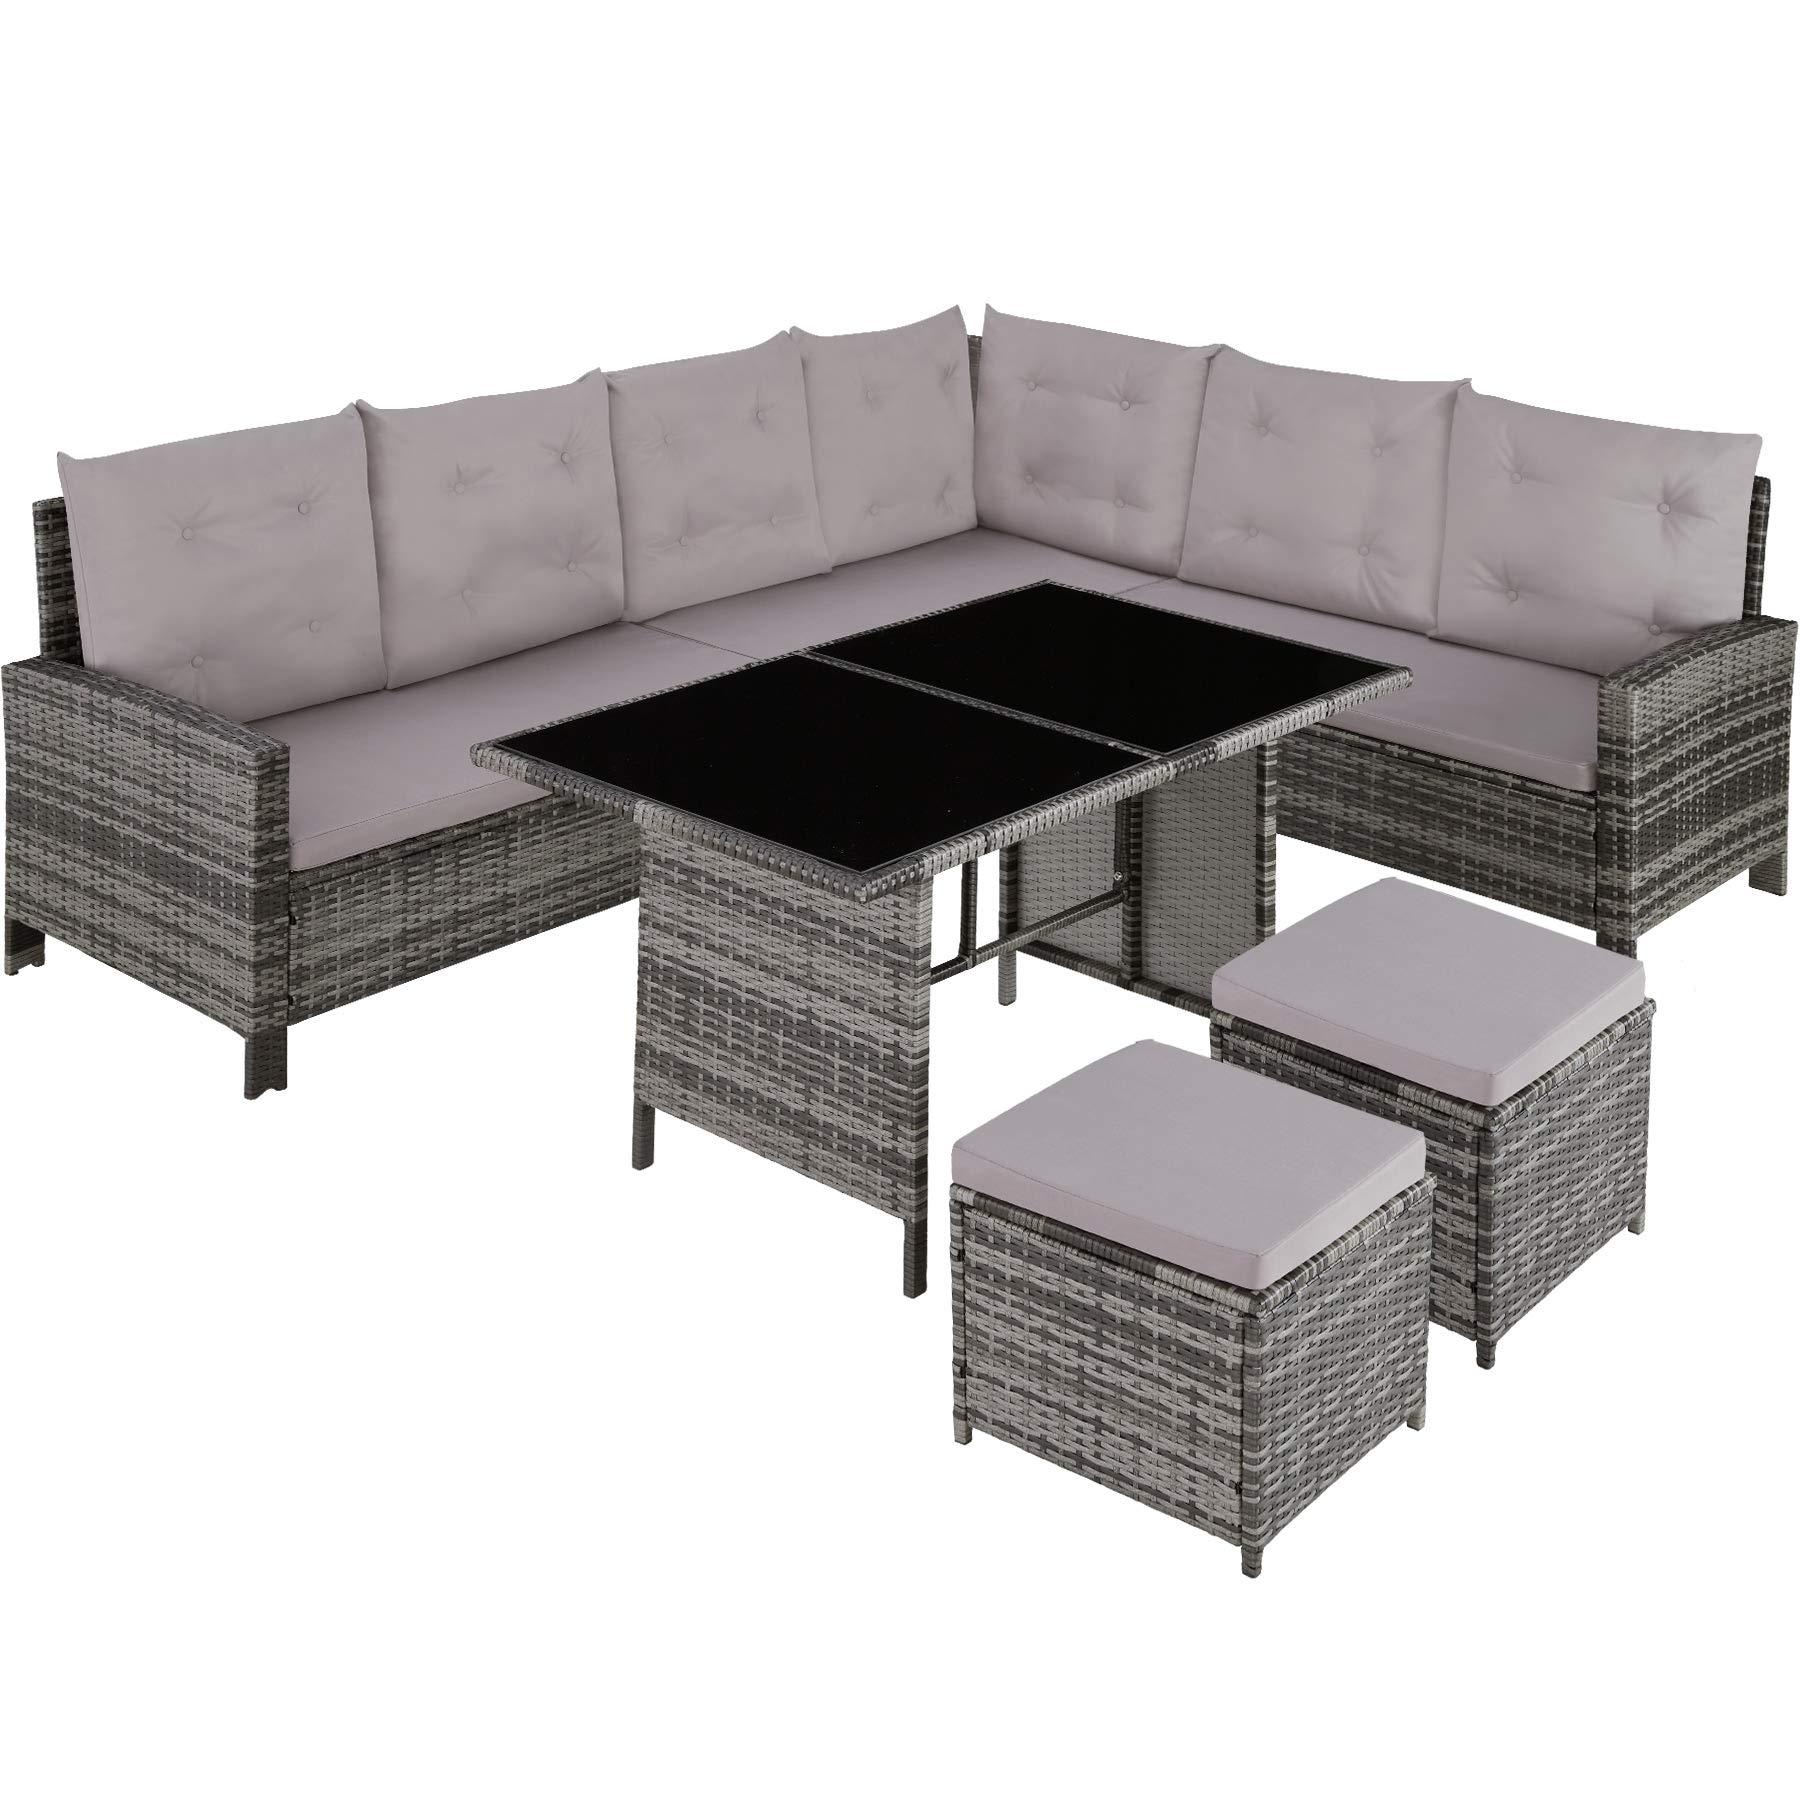 TecTake 800753 Conjunto Muebles de Jardín Ratán para 8 Personas, Sofa de Esquina Exterior para Jardín Terraza Patio con Mesa y Cojines (Gris | No. 403336): Amazon.es: Jardín